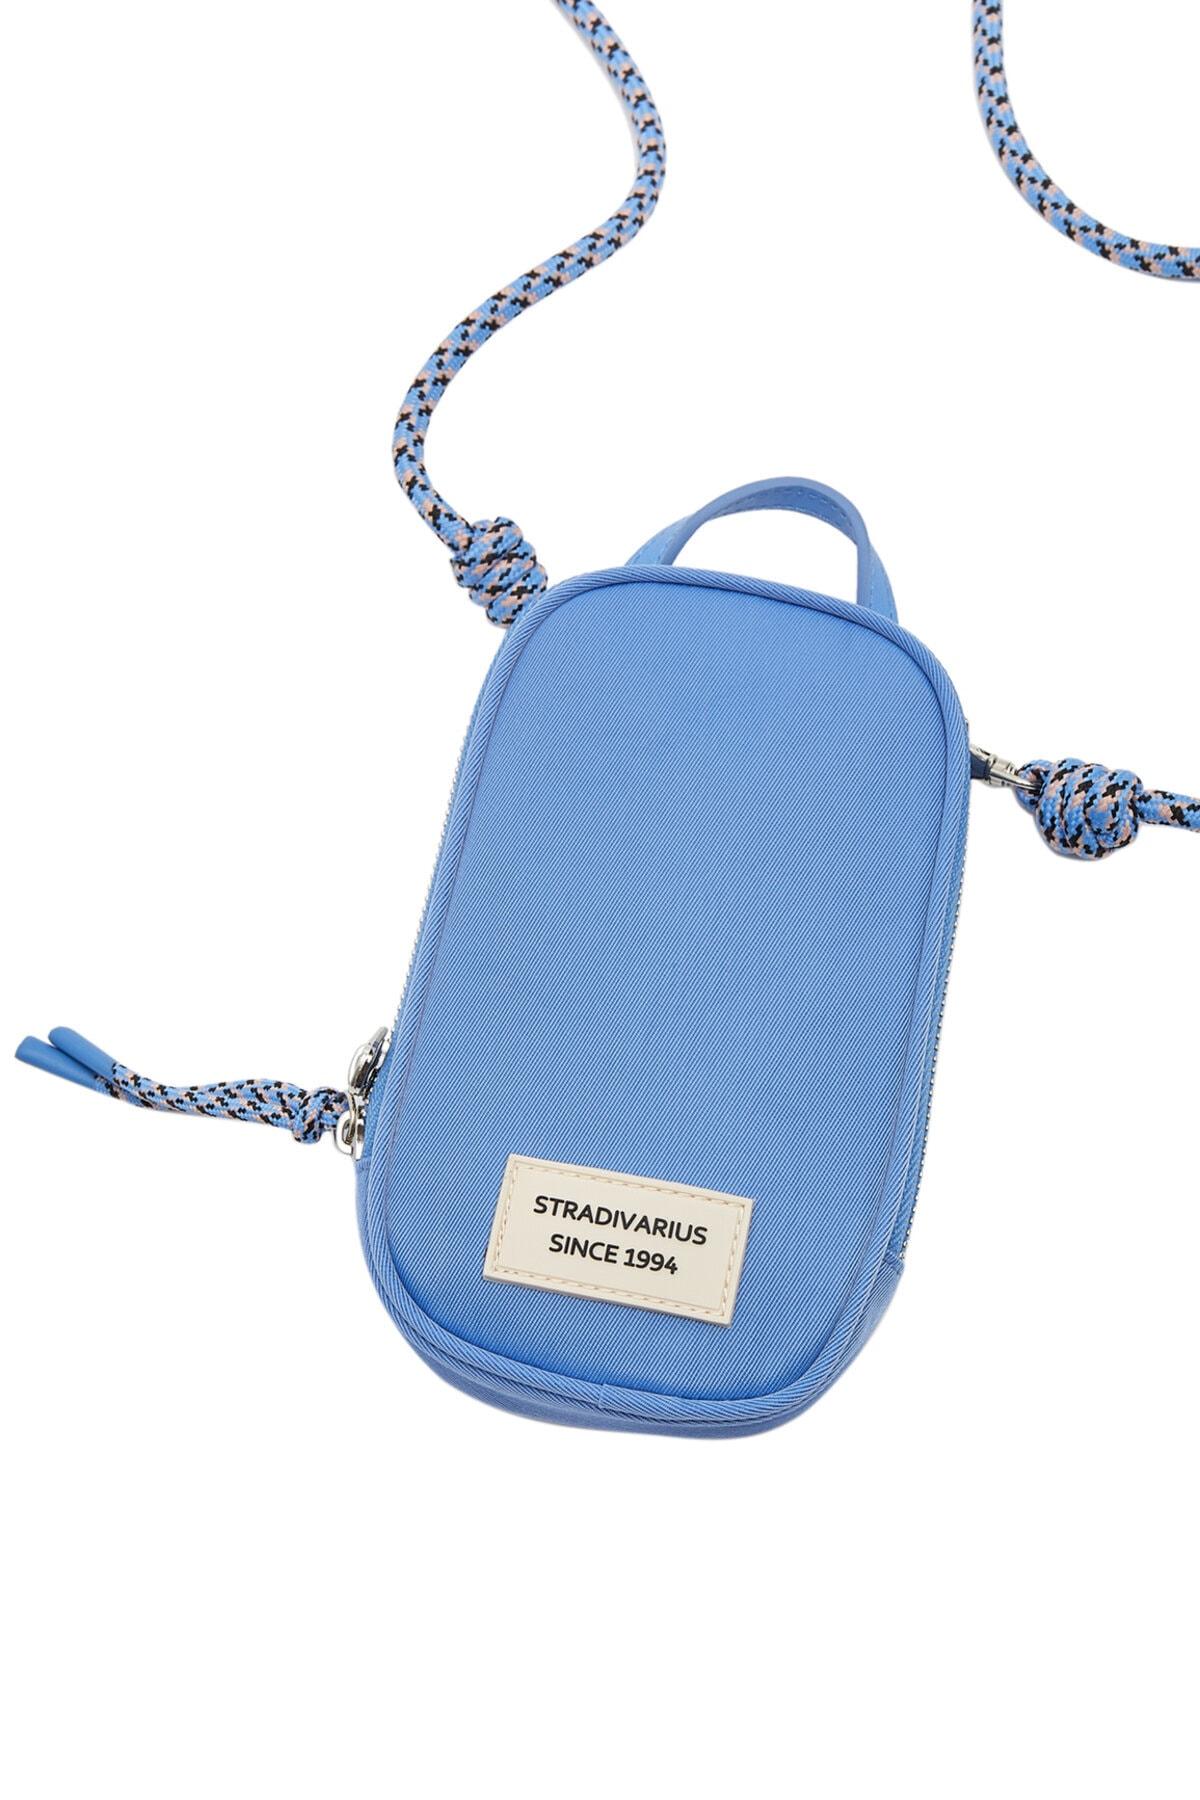 Stradivarius Kadın Mavi Omuz Askılı Telefon Çantası 0